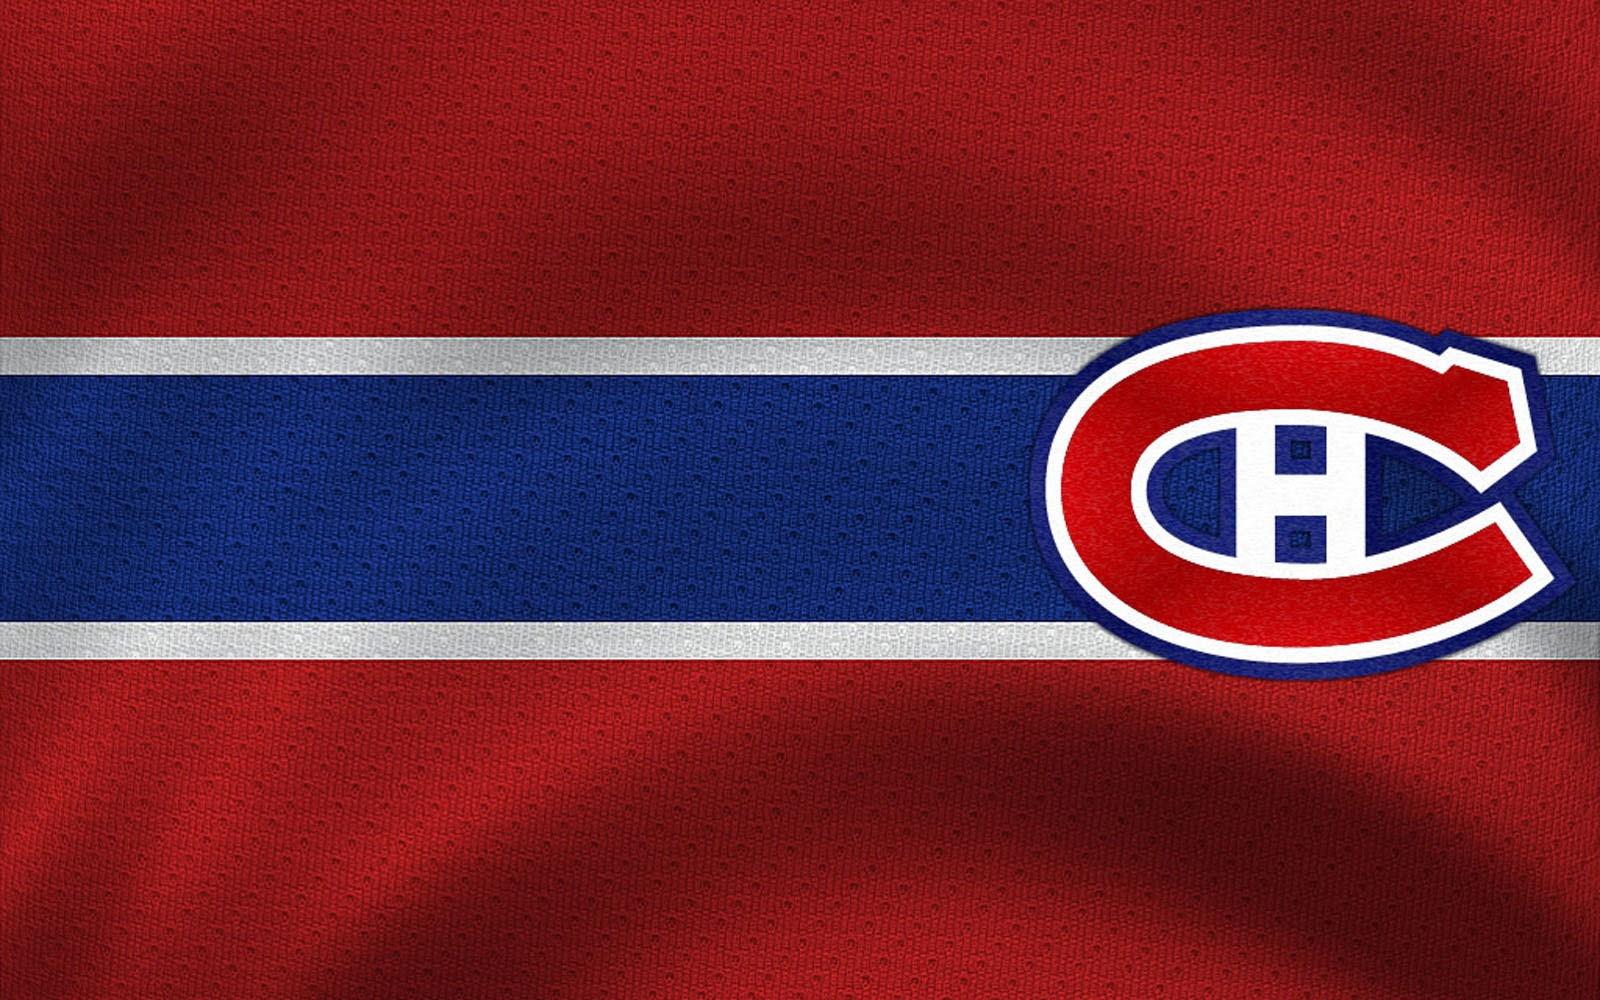 montreal canadiens wallpapers top wallpaper desktop